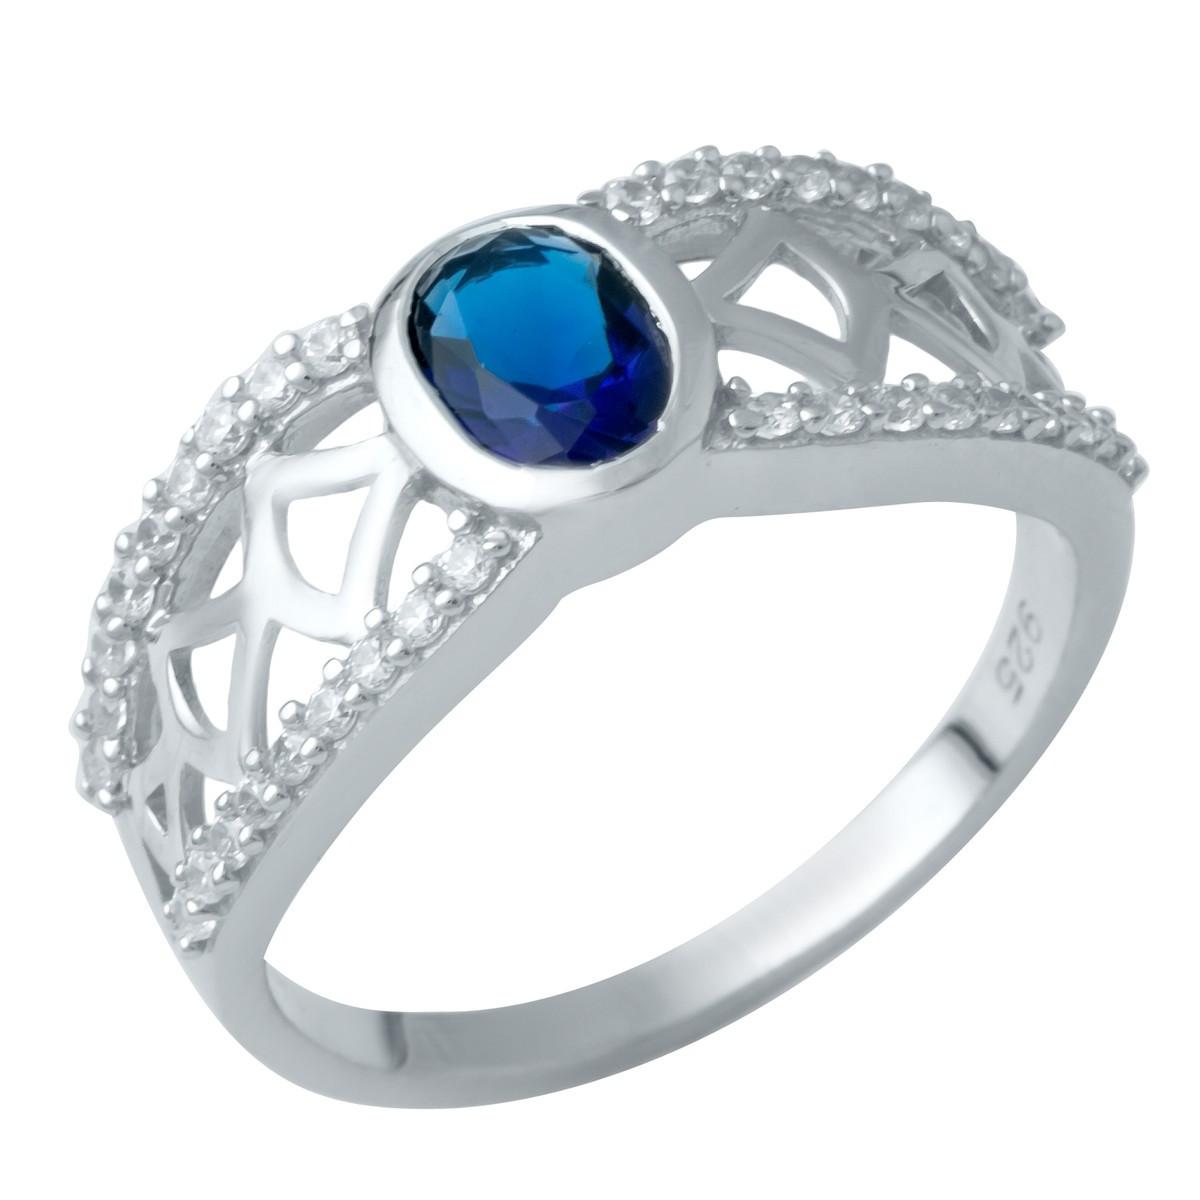 Серебряное кольцо DreamJewelry с сапфиром nano (1946572) 18 размер